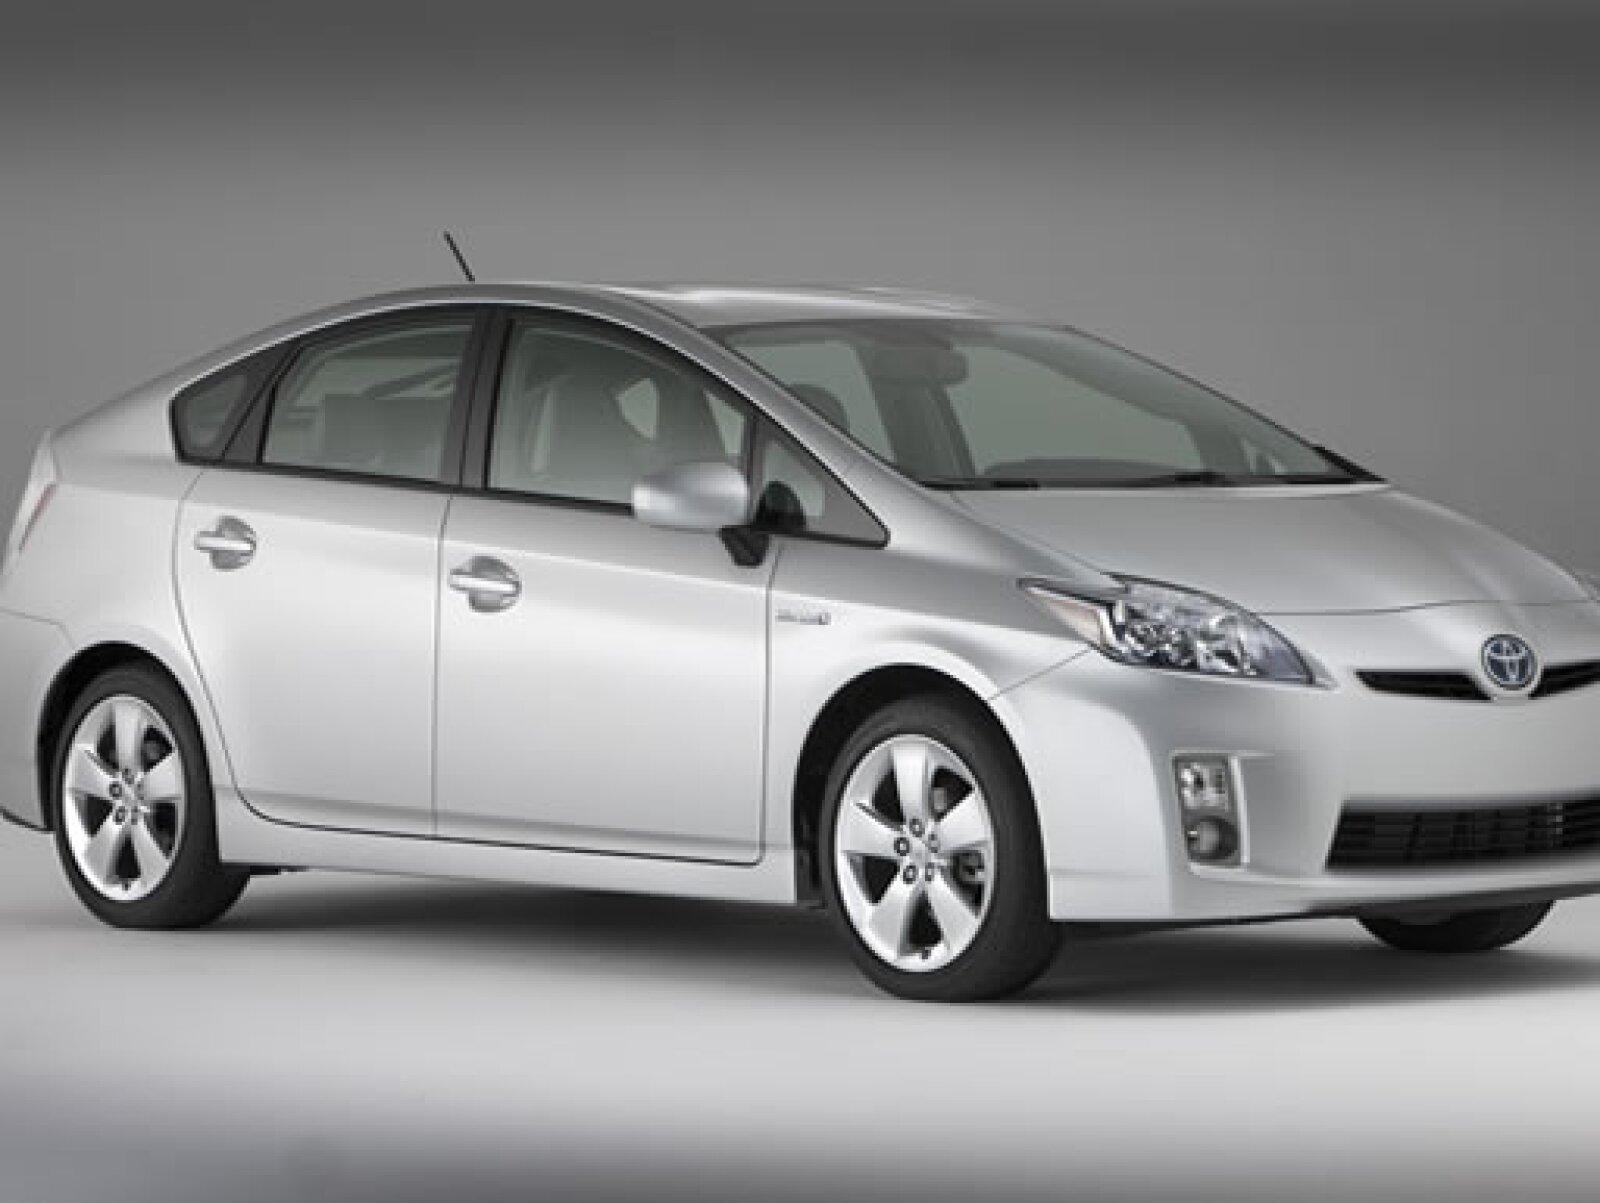 La companía japonesa lanzó la tercera generacion del popular Prius, líder mundial en ventas en el segmento de autos híbridos. Mayor autonomía de gasolina y tecnologia innovadora caracterizan al vehiculo.